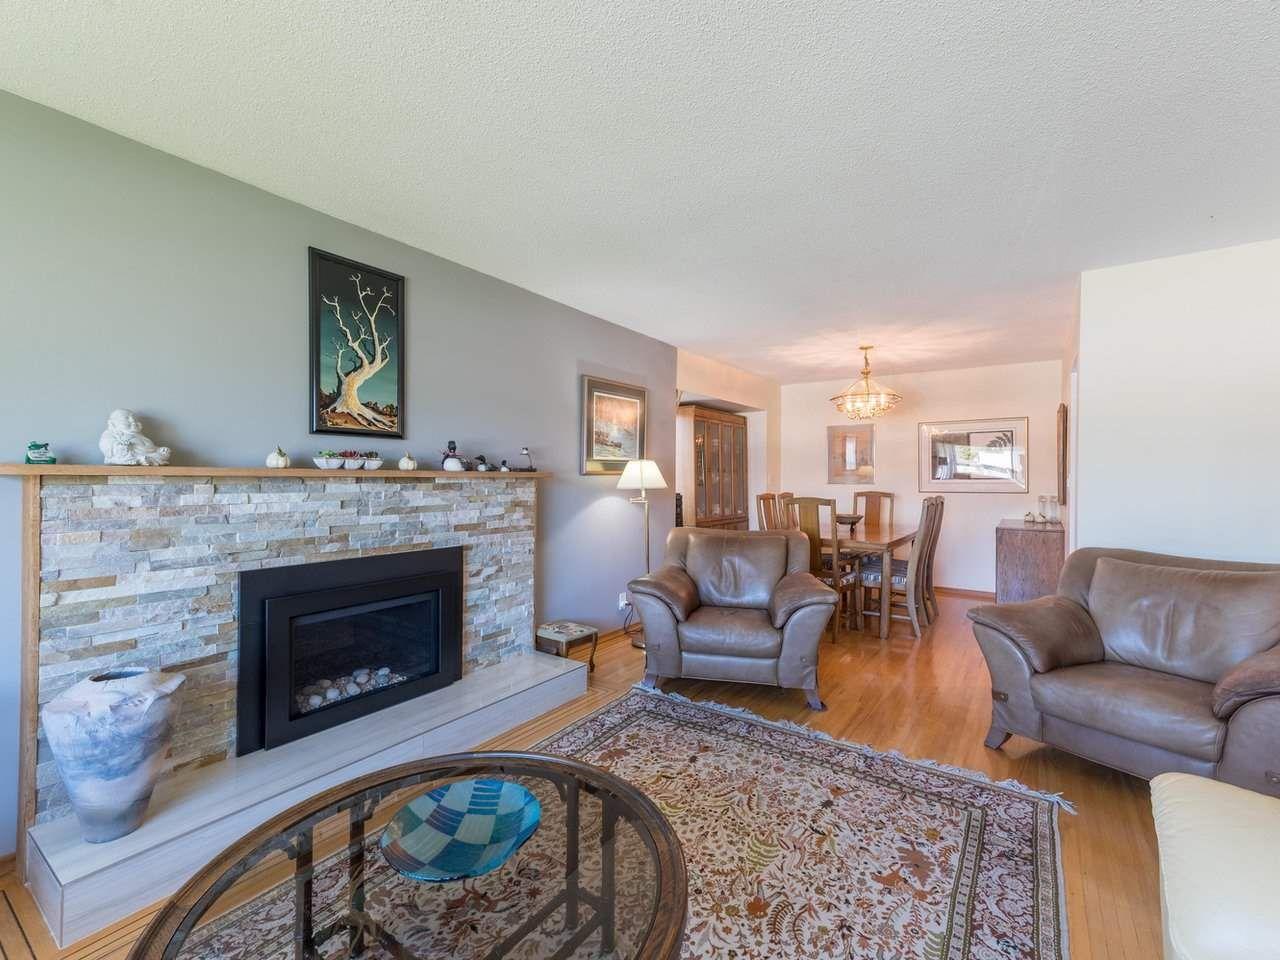 Photo 7: Photos: 808 REGAN Avenue in Coquitlam: Coquitlam West House for sale : MLS®# R2563486